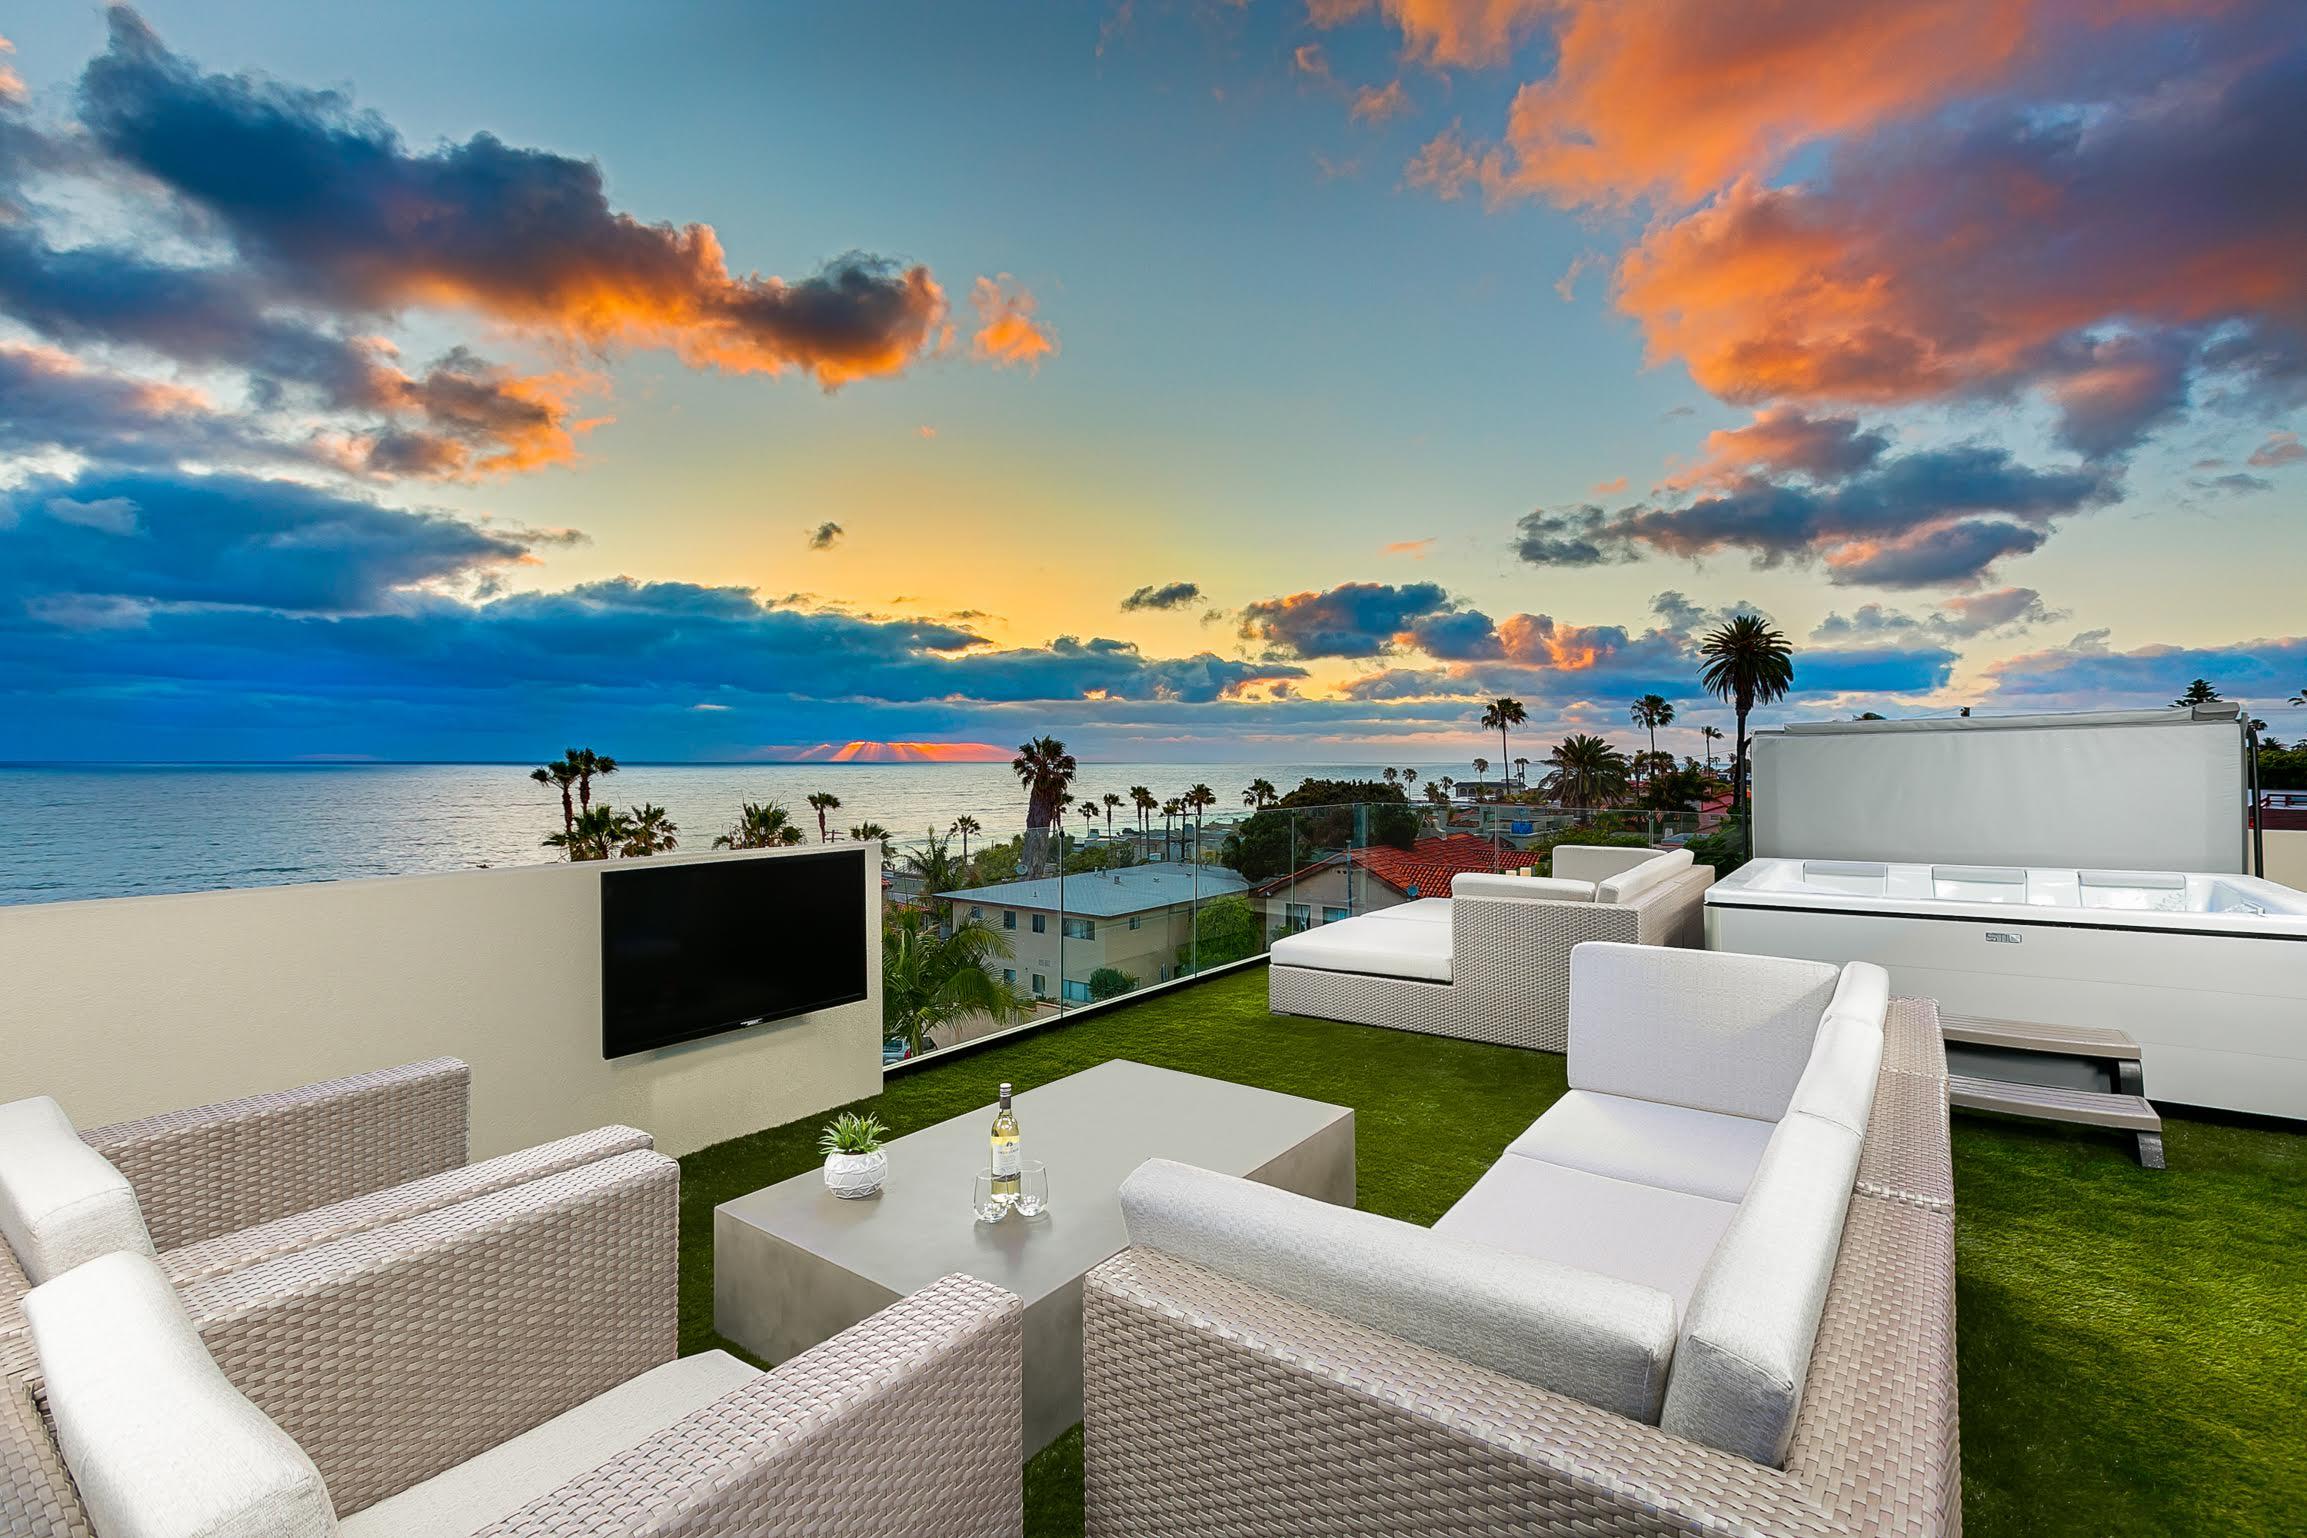 253 - Coastal Captivation | SeaBreeze Vacation Rentals